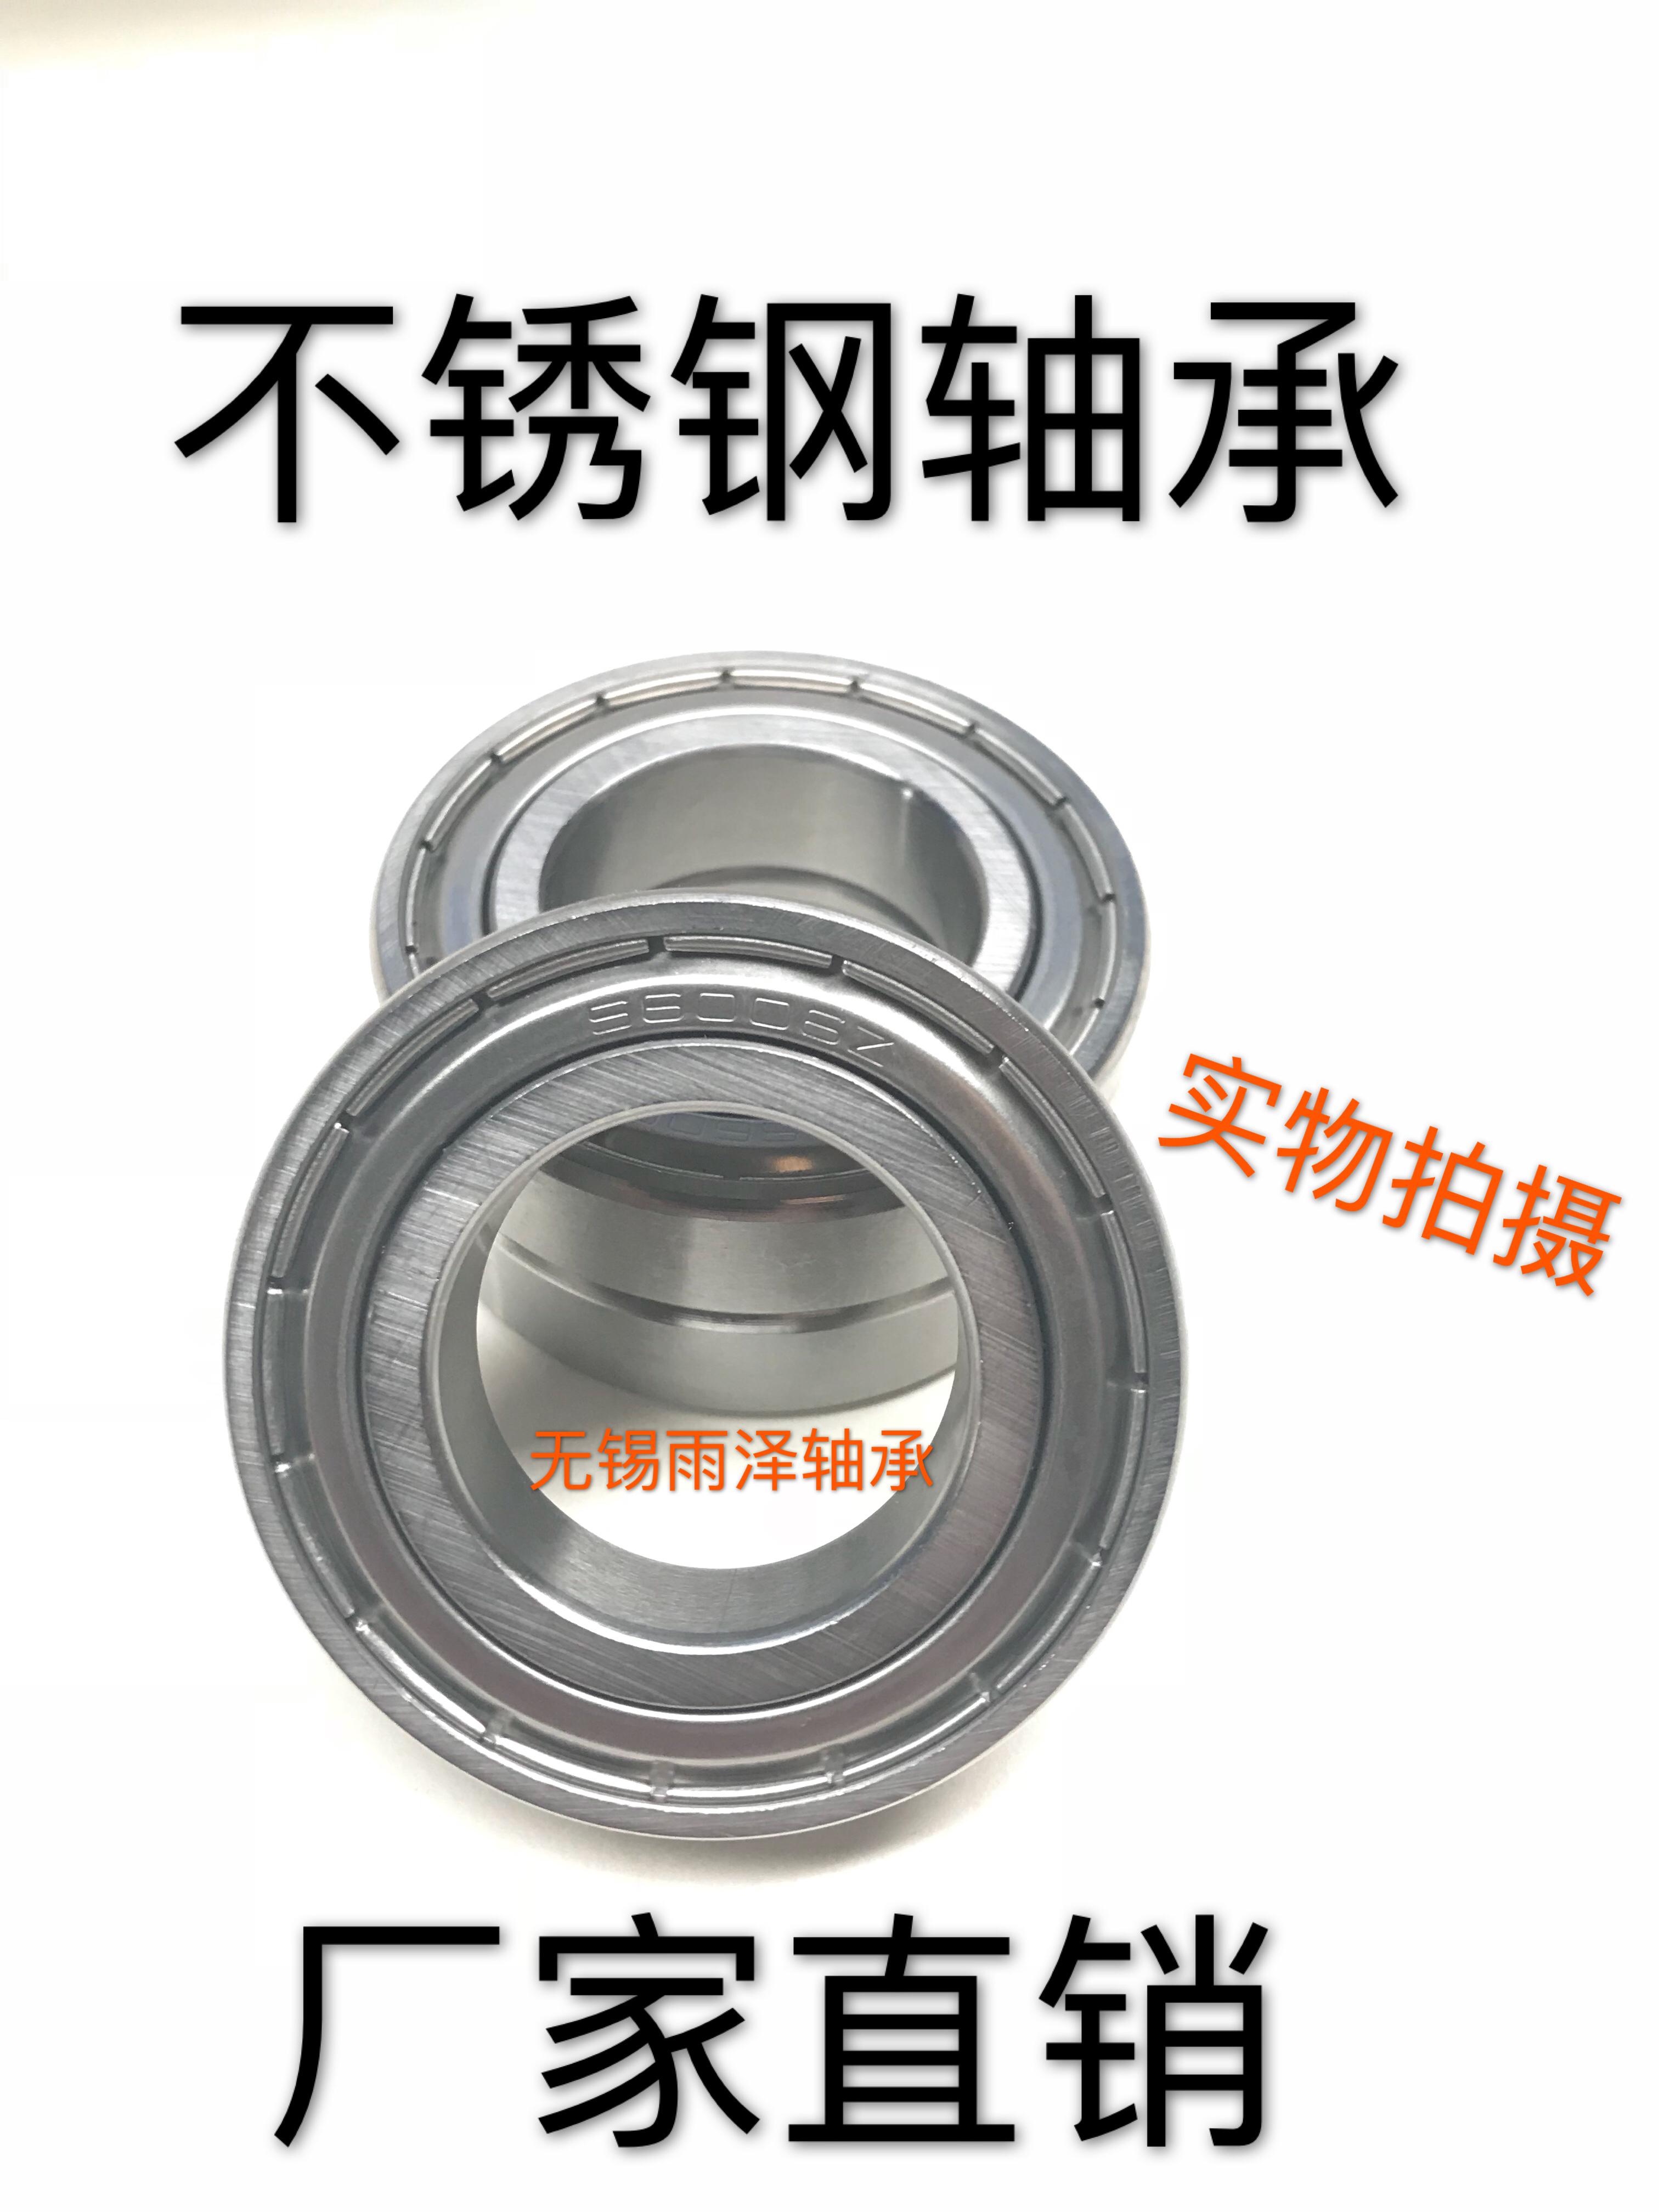 스테인레스 스틸 깊은 홈 볼 베어링 깊은 홈 부식 S6200Z S6201Z S6202Z S6203Z S6204Z 440